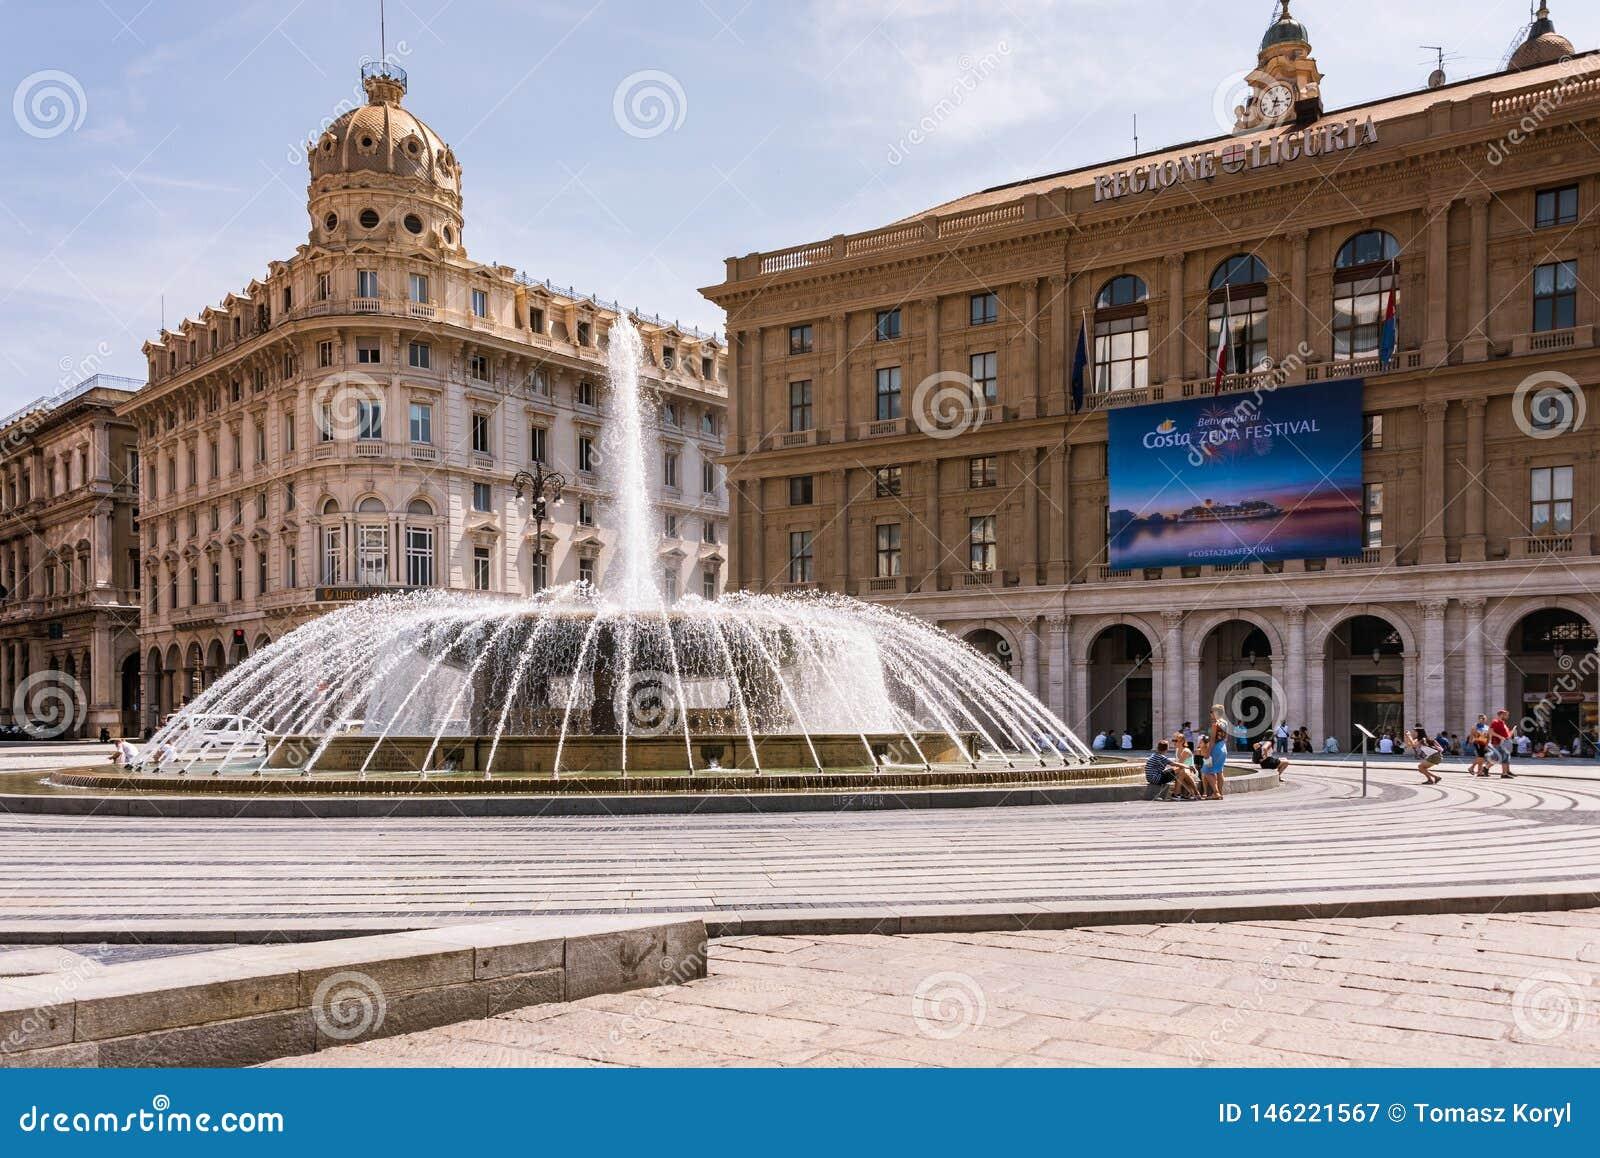 Fontana sulla piazza Raffaele de Ferrari a Genova - il cuore della città, le sedi della regione ligura Liguria, Italia